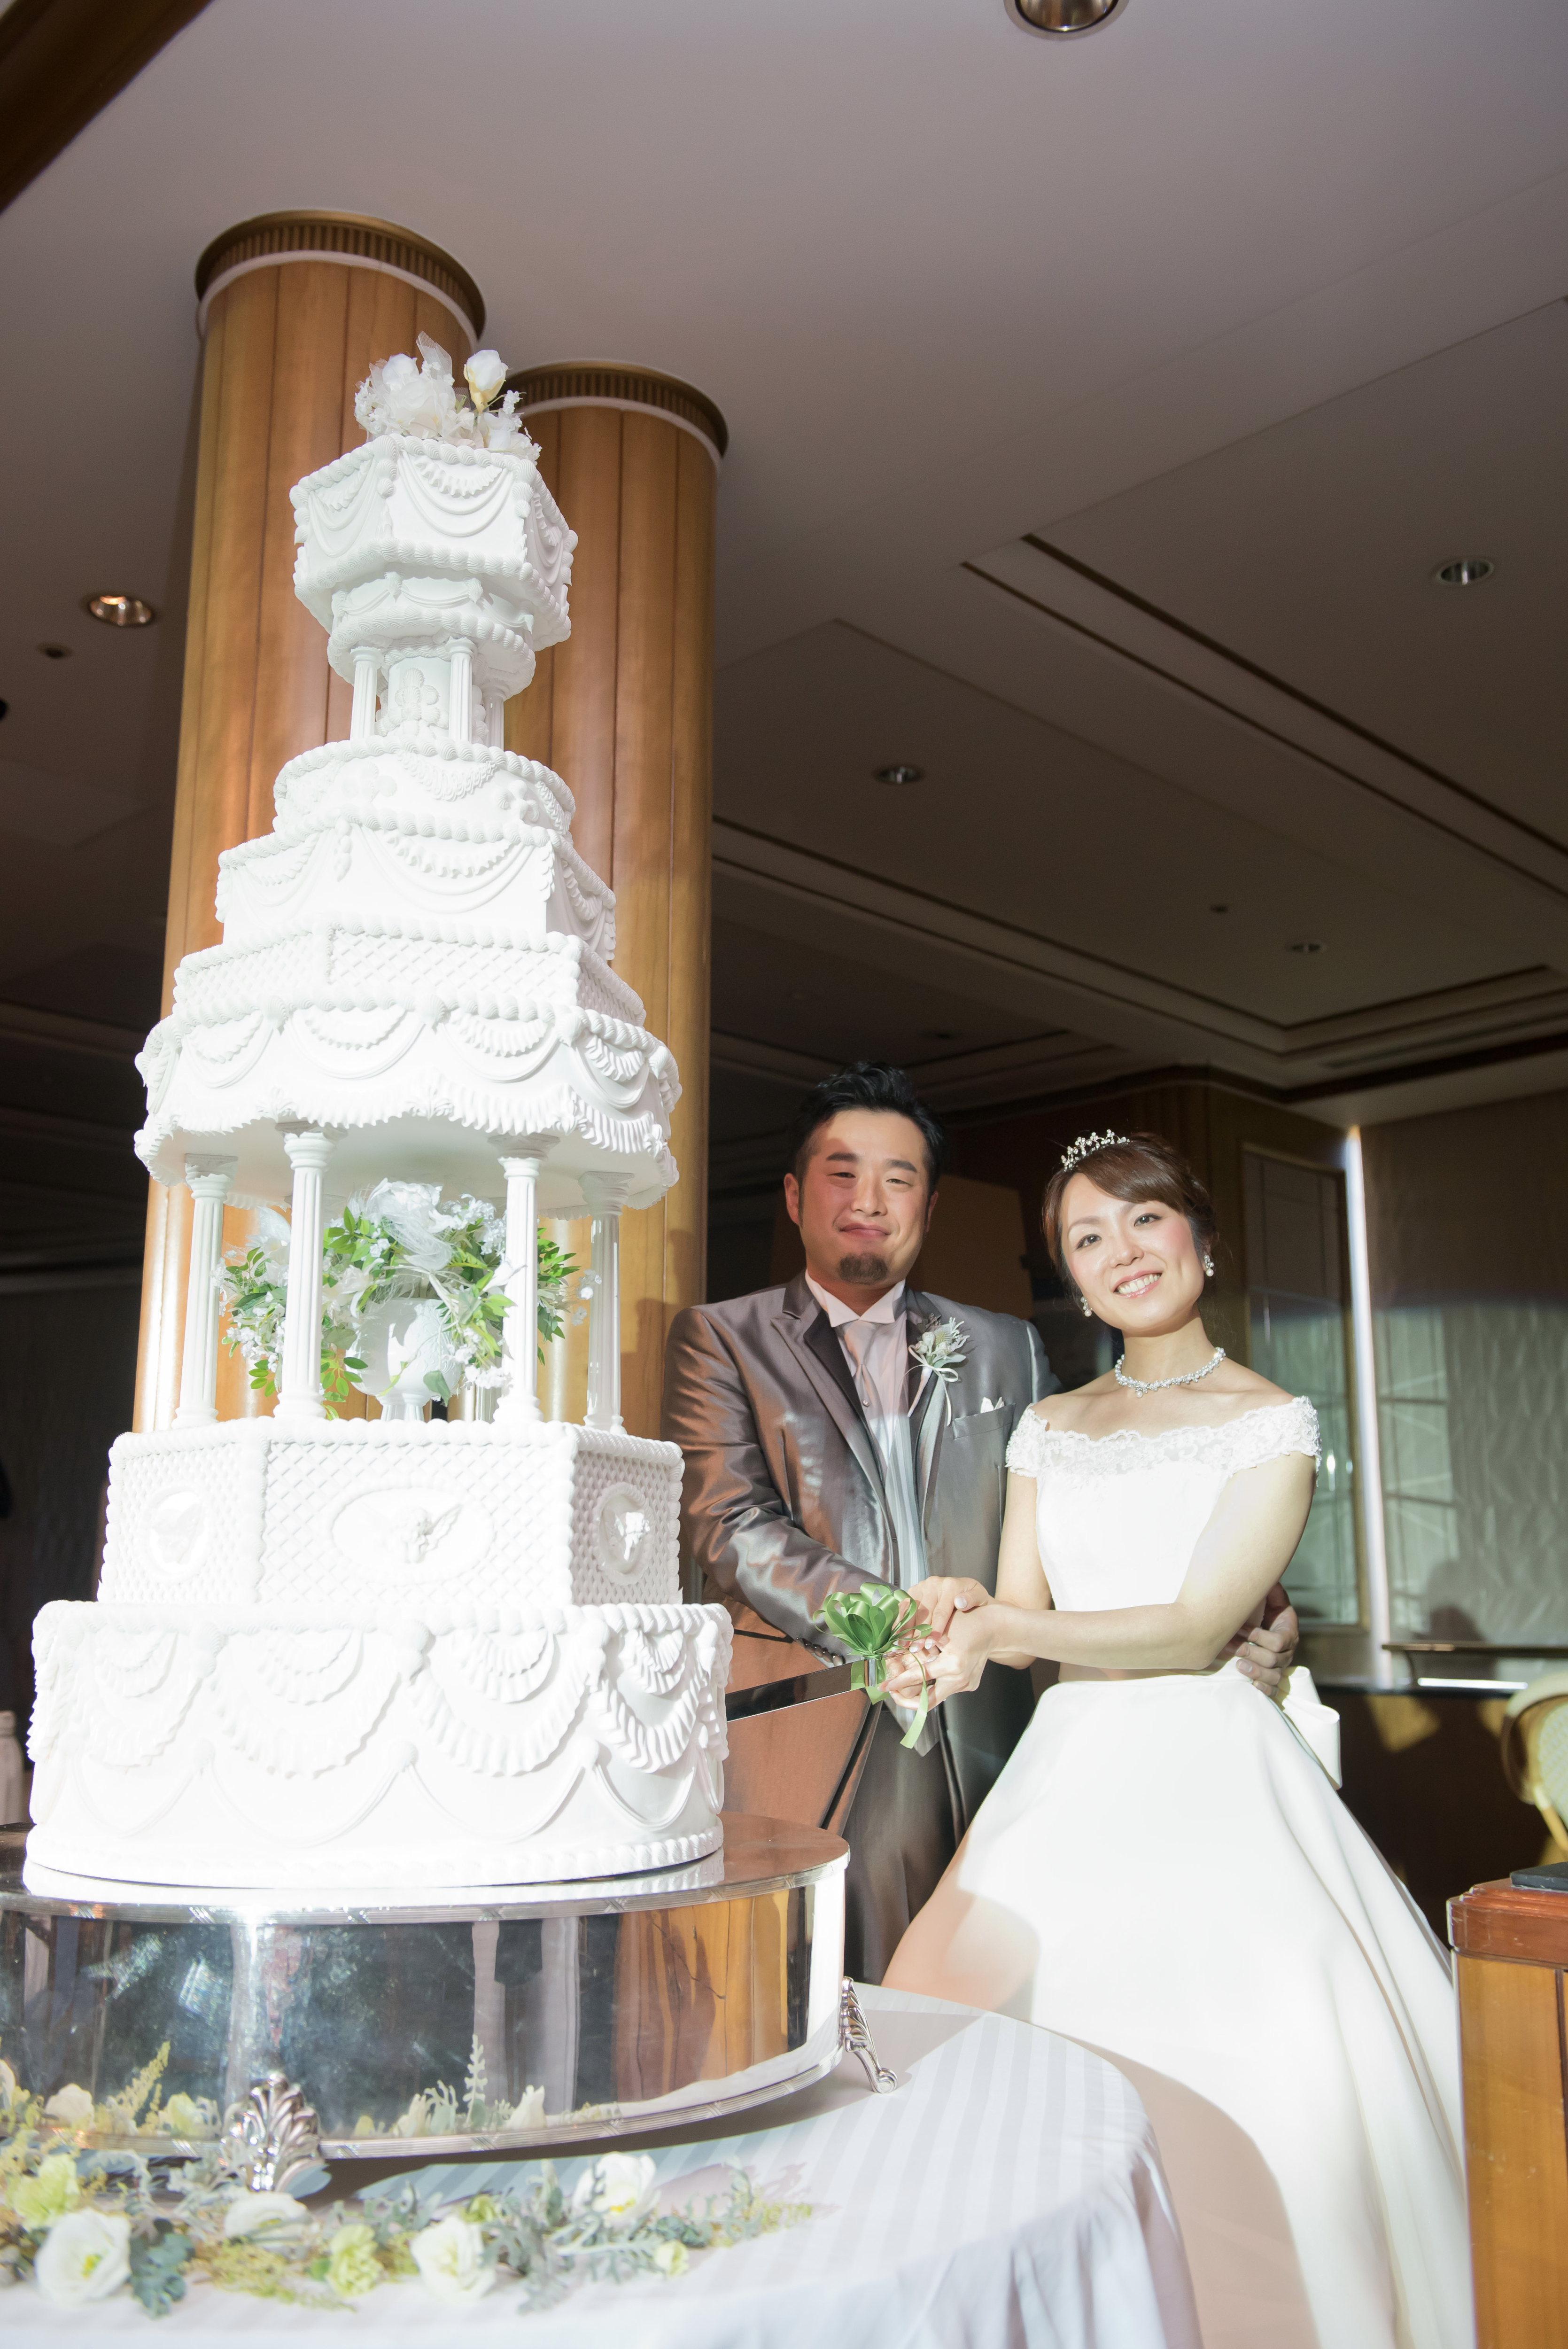 結婚式演出;ケーキ入刀♪